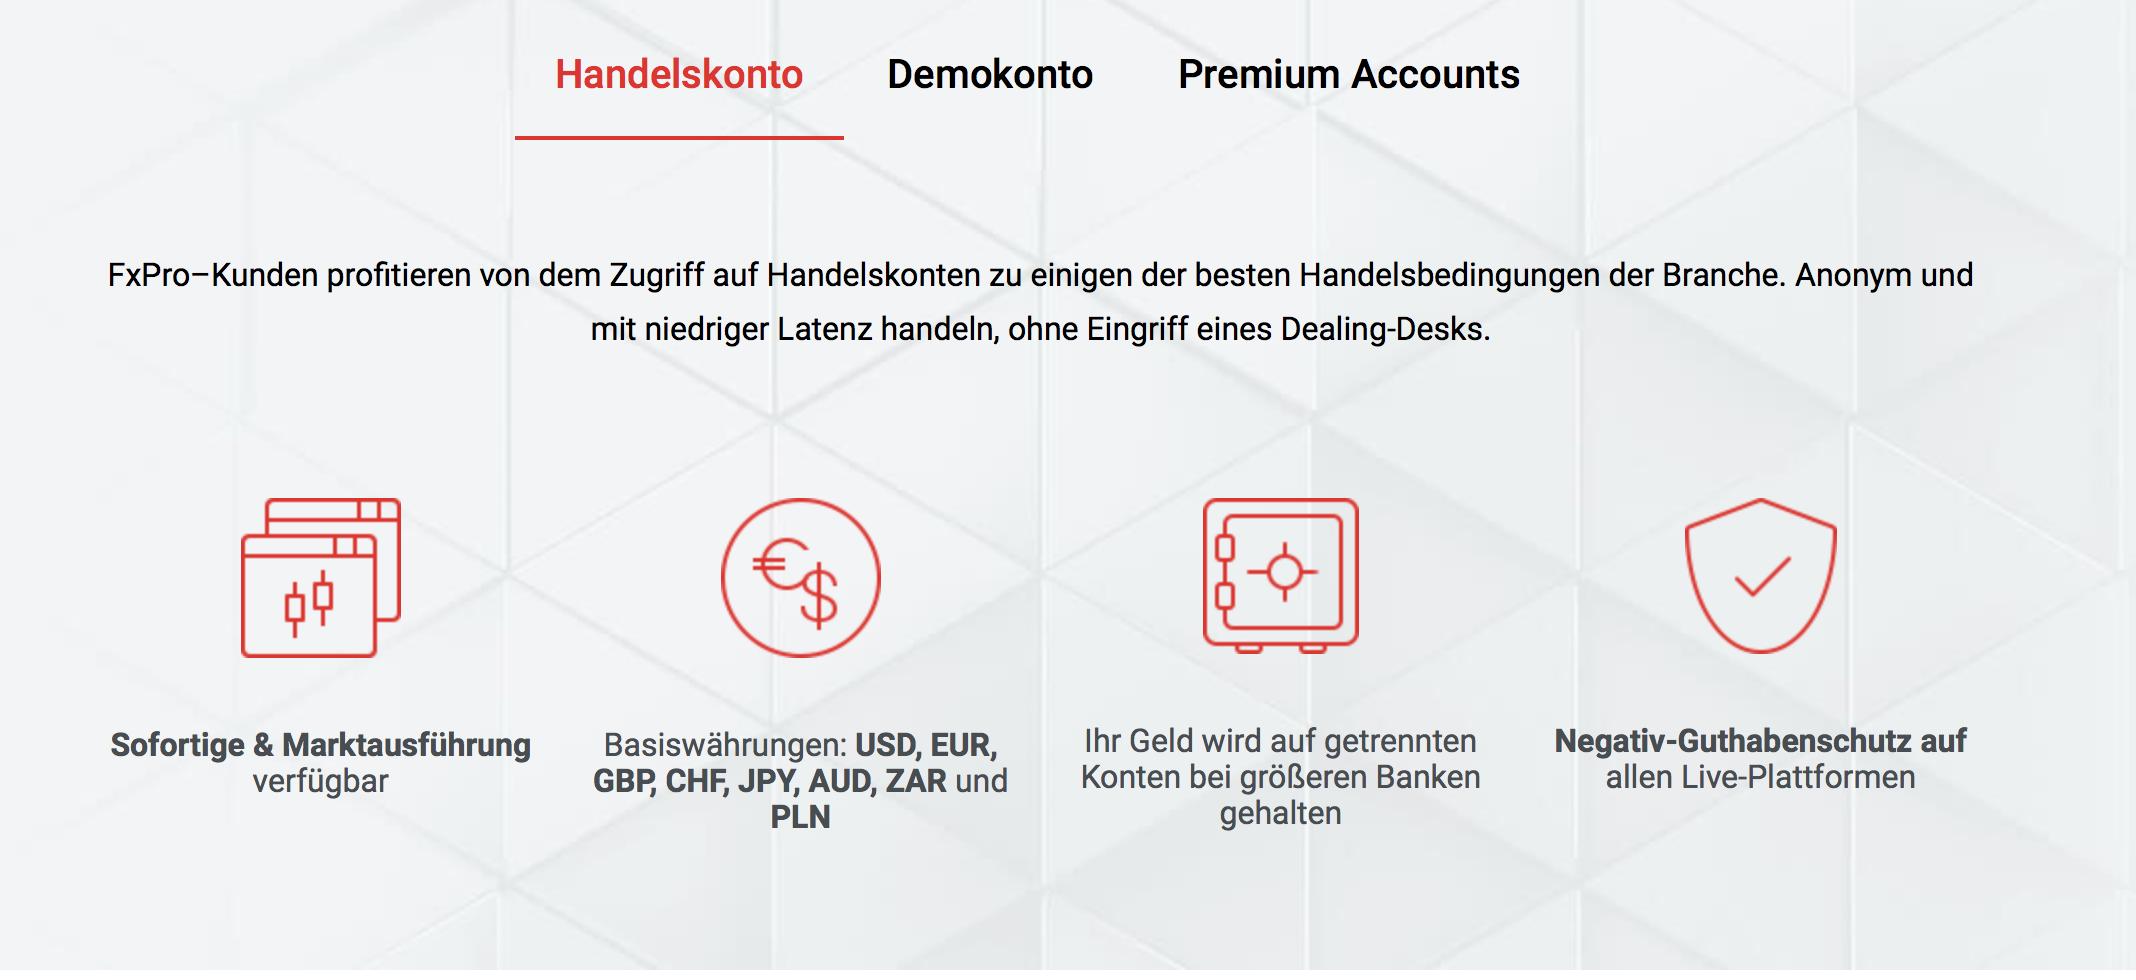 Diese Vorteile bietet der Broker FxPro seinen Kunden